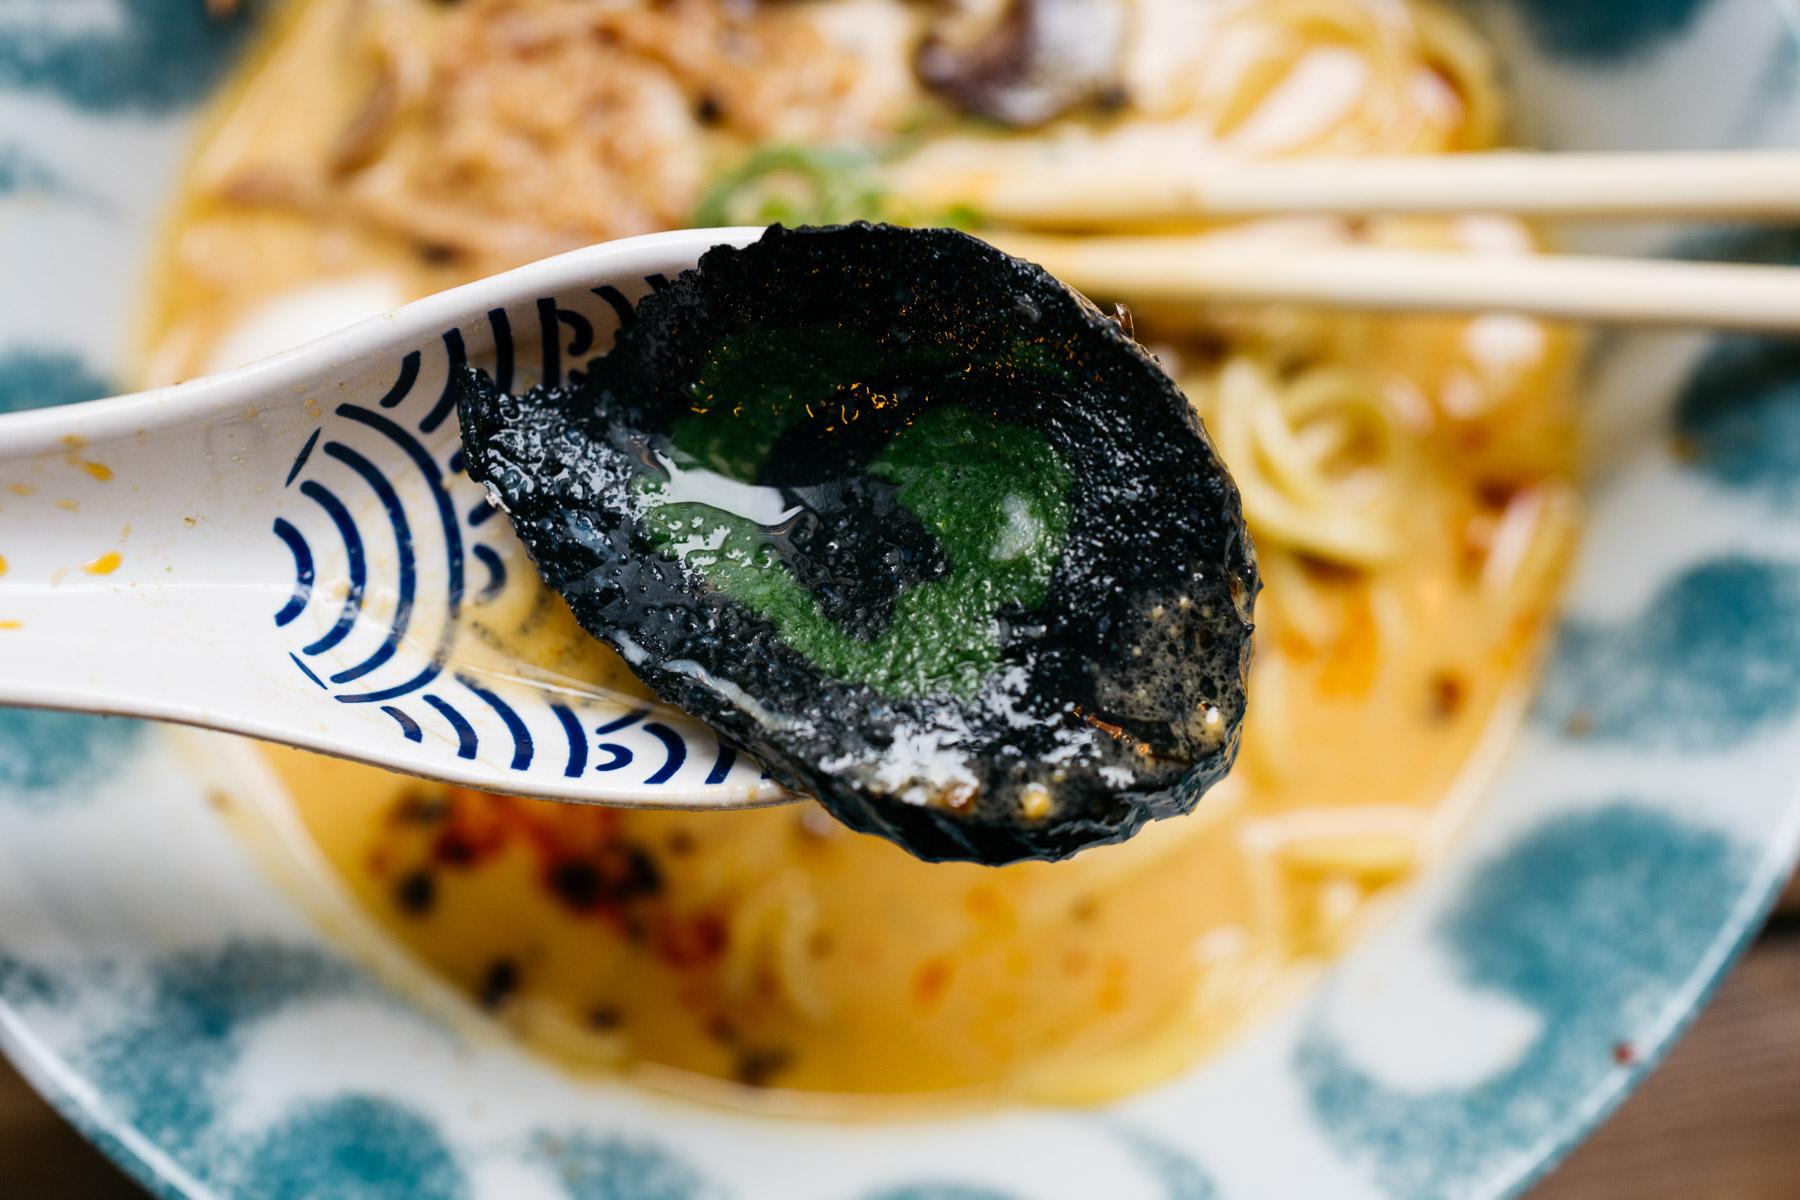 BBQ spicy miso ramen (wieprzowina BBQ, grzyby shitake, palona dymka, naruto, jajko) - 32 zł (Arigator Ramen Shop)